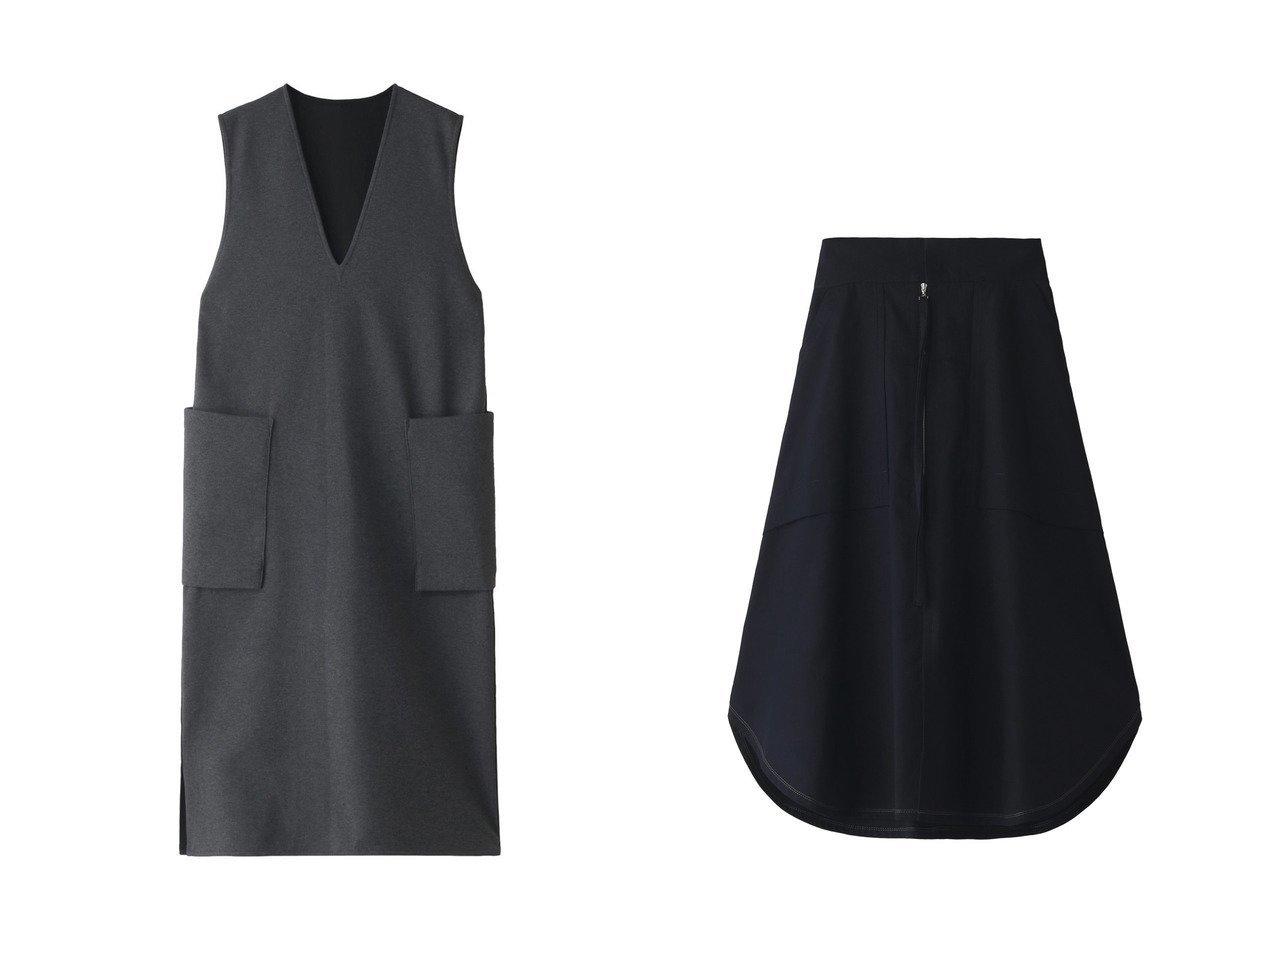 【DESIGN WORKS/デザイン ワークス】のジャンパースカート&【Ujoh/ウジョー】のワークフレアスカート 【スカート】おすすめ!人気、トレンド・レディースファッションの通販   おすすめで人気の流行・トレンド、ファッションの通販商品 インテリア・家具・メンズファッション・キッズファッション・レディースファッション・服の通販 founy(ファニー) https://founy.com/ ファッション Fashion レディースファッション WOMEN スカート Skirt ロングスカート Long Skirt Aライン/フレアスカート Flared A-Line Skirts 2020年 2020 2020-2021秋冬・A/W AW・Autumn/Winter・FW・Fall-Winter/2020-2021 2021年 2021 2021-2022秋冬・A/W AW・Autumn/Winter・FW・Fall-Winter・2021-2022 A/W・秋冬 AW・Autumn/Winter・FW・Fall-Winter おすすめ Recommend コンパクト ポケット ロング フレア ワーク |ID:crp329100000066088